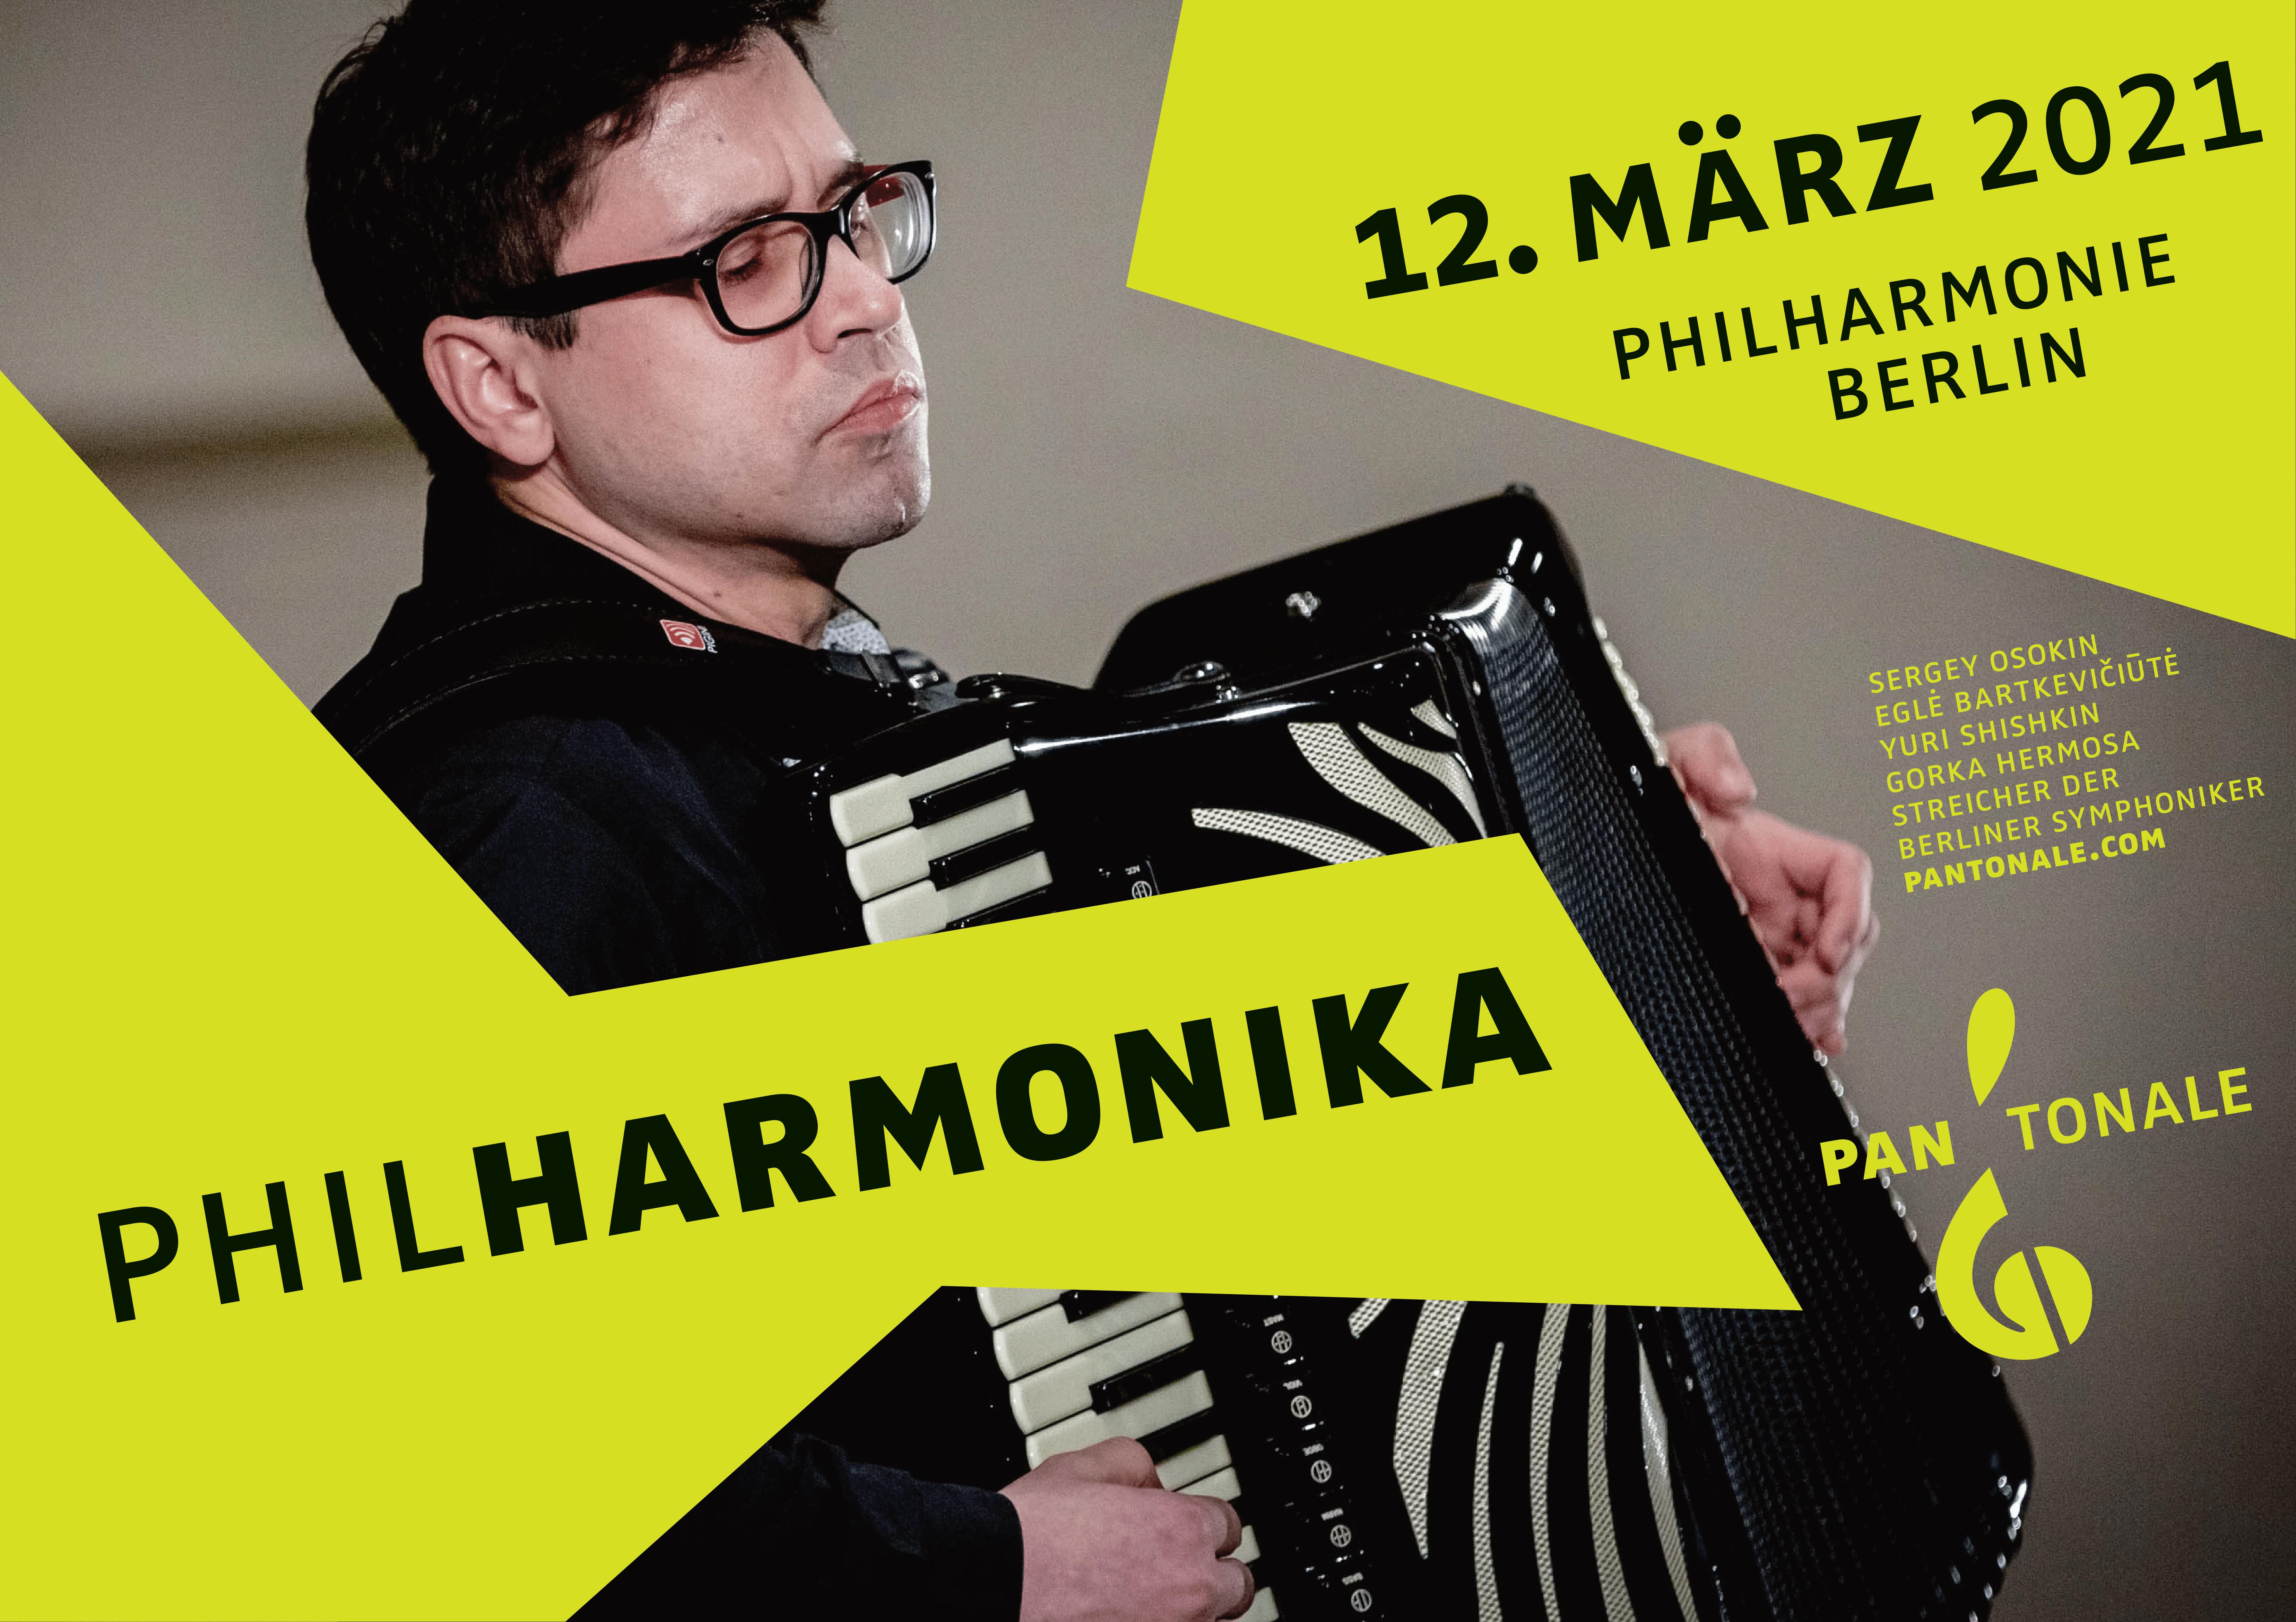 PhilHarmonika 2021 - Galakonzert am 12. März 2021 in der Philharmonie Berlin